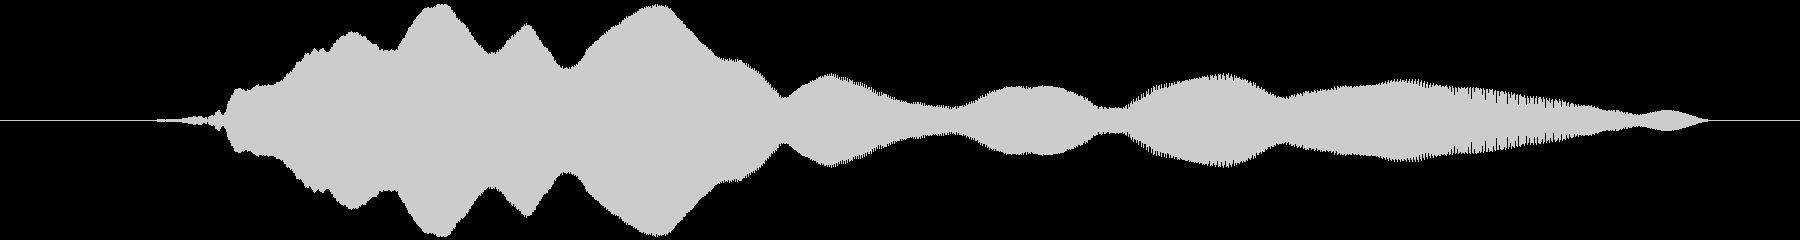 オノマトペ(やや長め下降)ヒヨーォーの未再生の波形